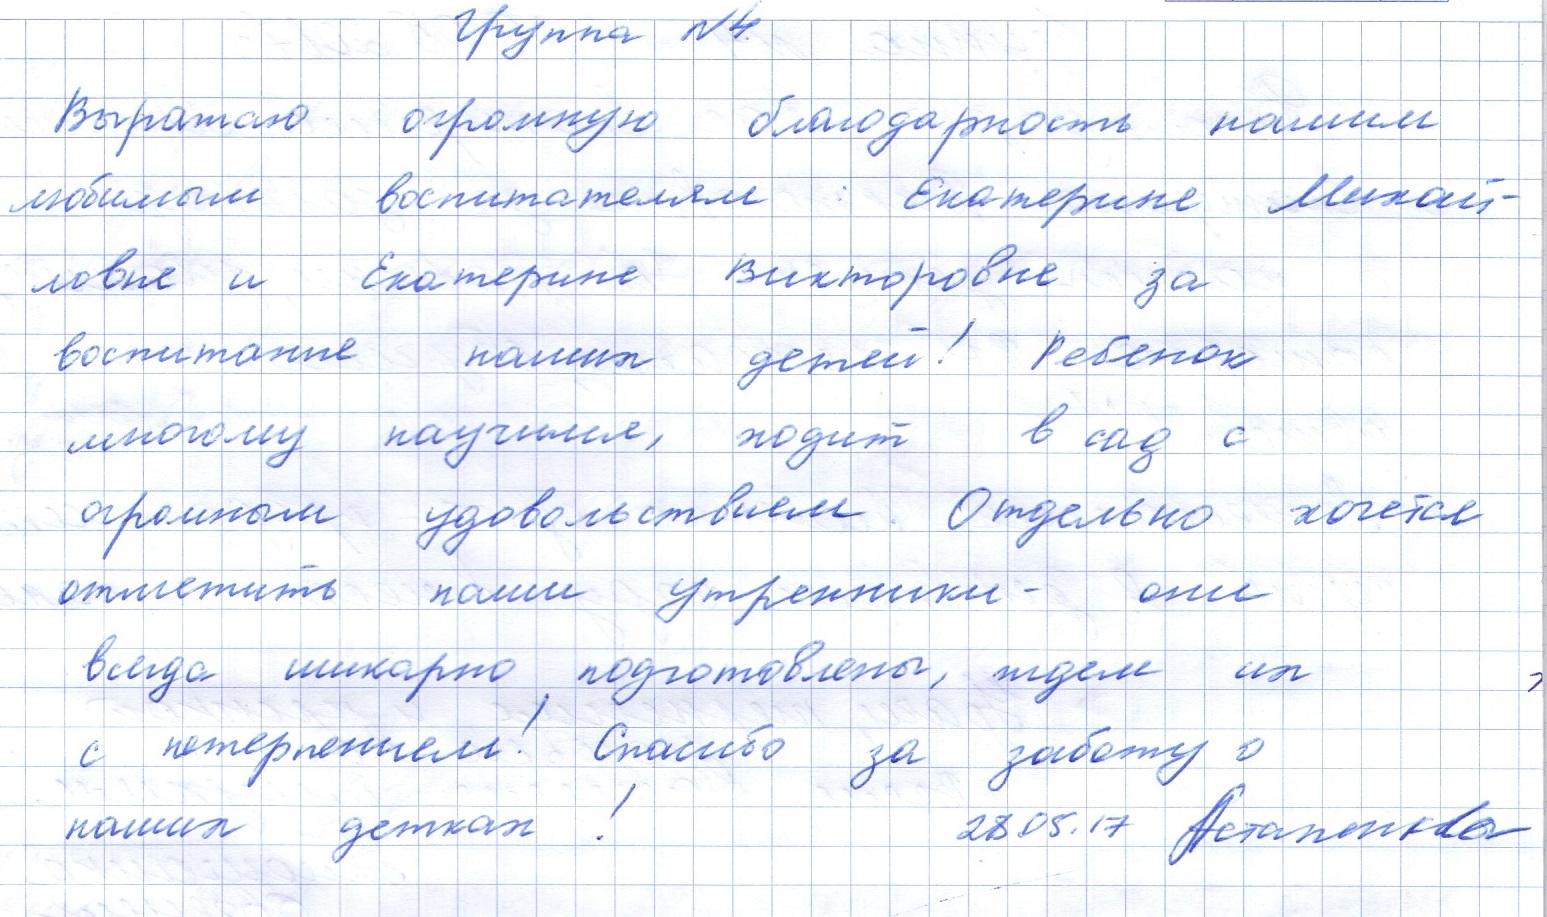 Огромное спасибо нашим дорогим и любимым воспитателям Татьяне Васильевне и Ларисе Николаевне